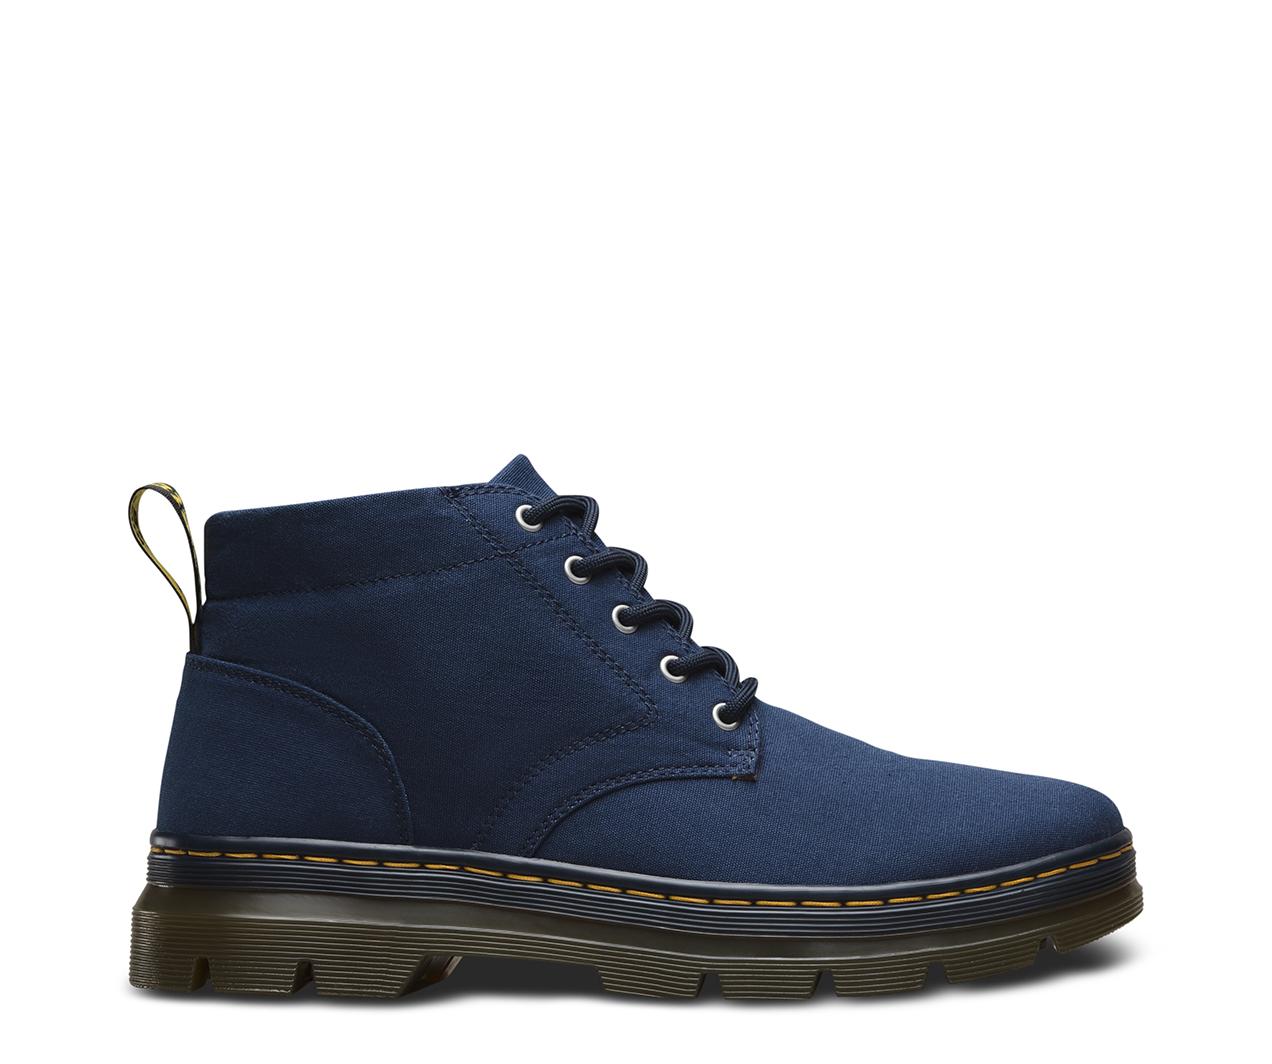 4ce57b6034 BONNY CANVAS | Women's Boots & Shoes | Canada